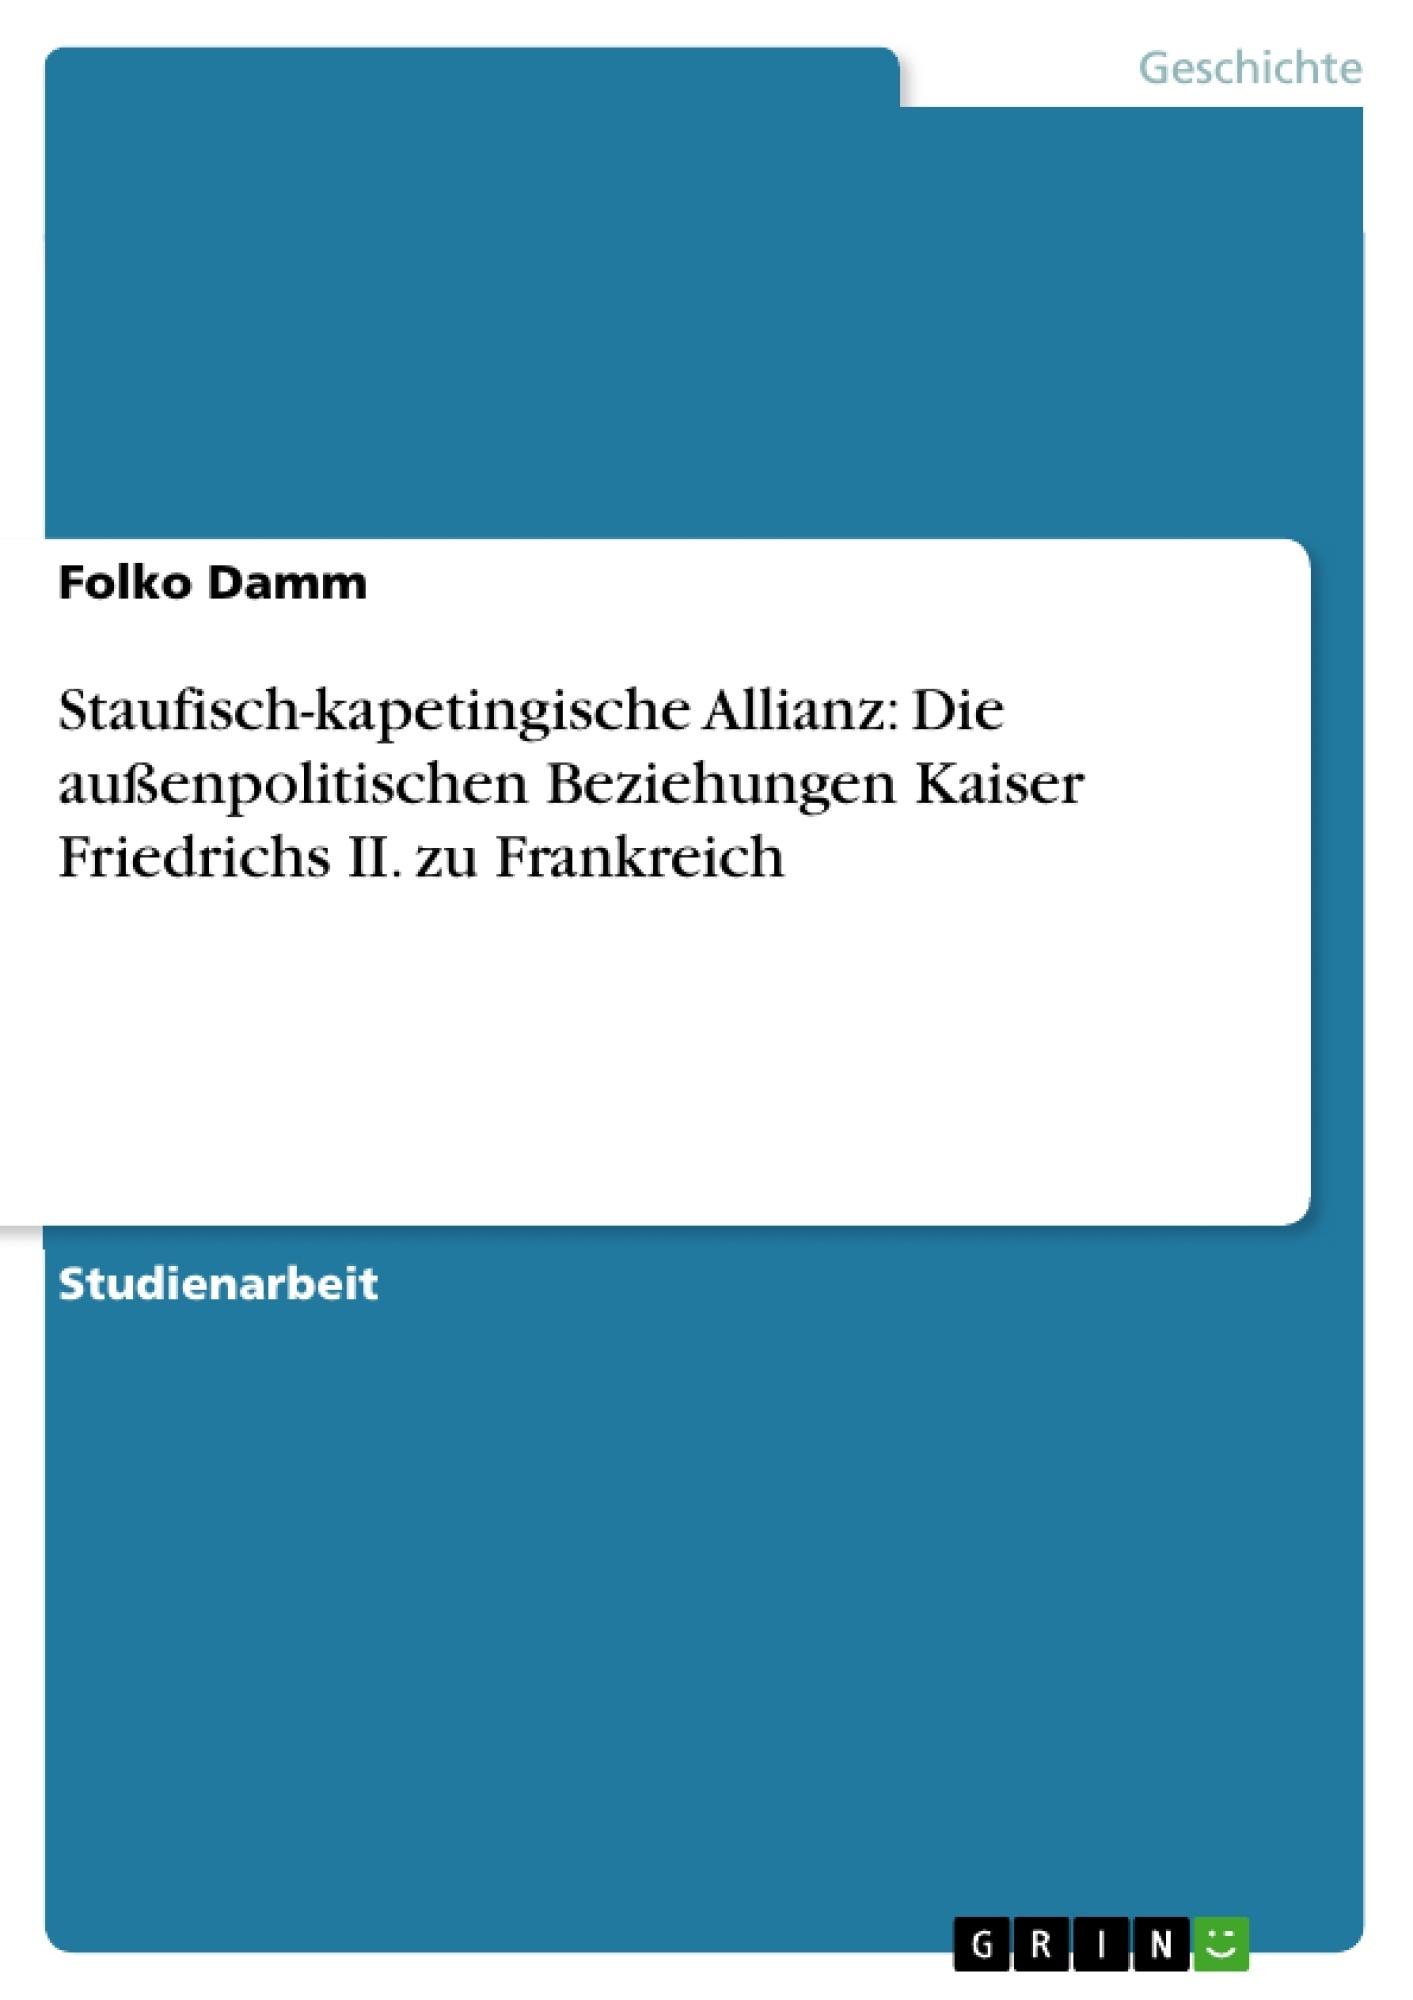 Titel: Staufisch-kapetingische Allianz: Die außenpolitischen Beziehungen Kaiser Friedrichs II. zu Frankreich